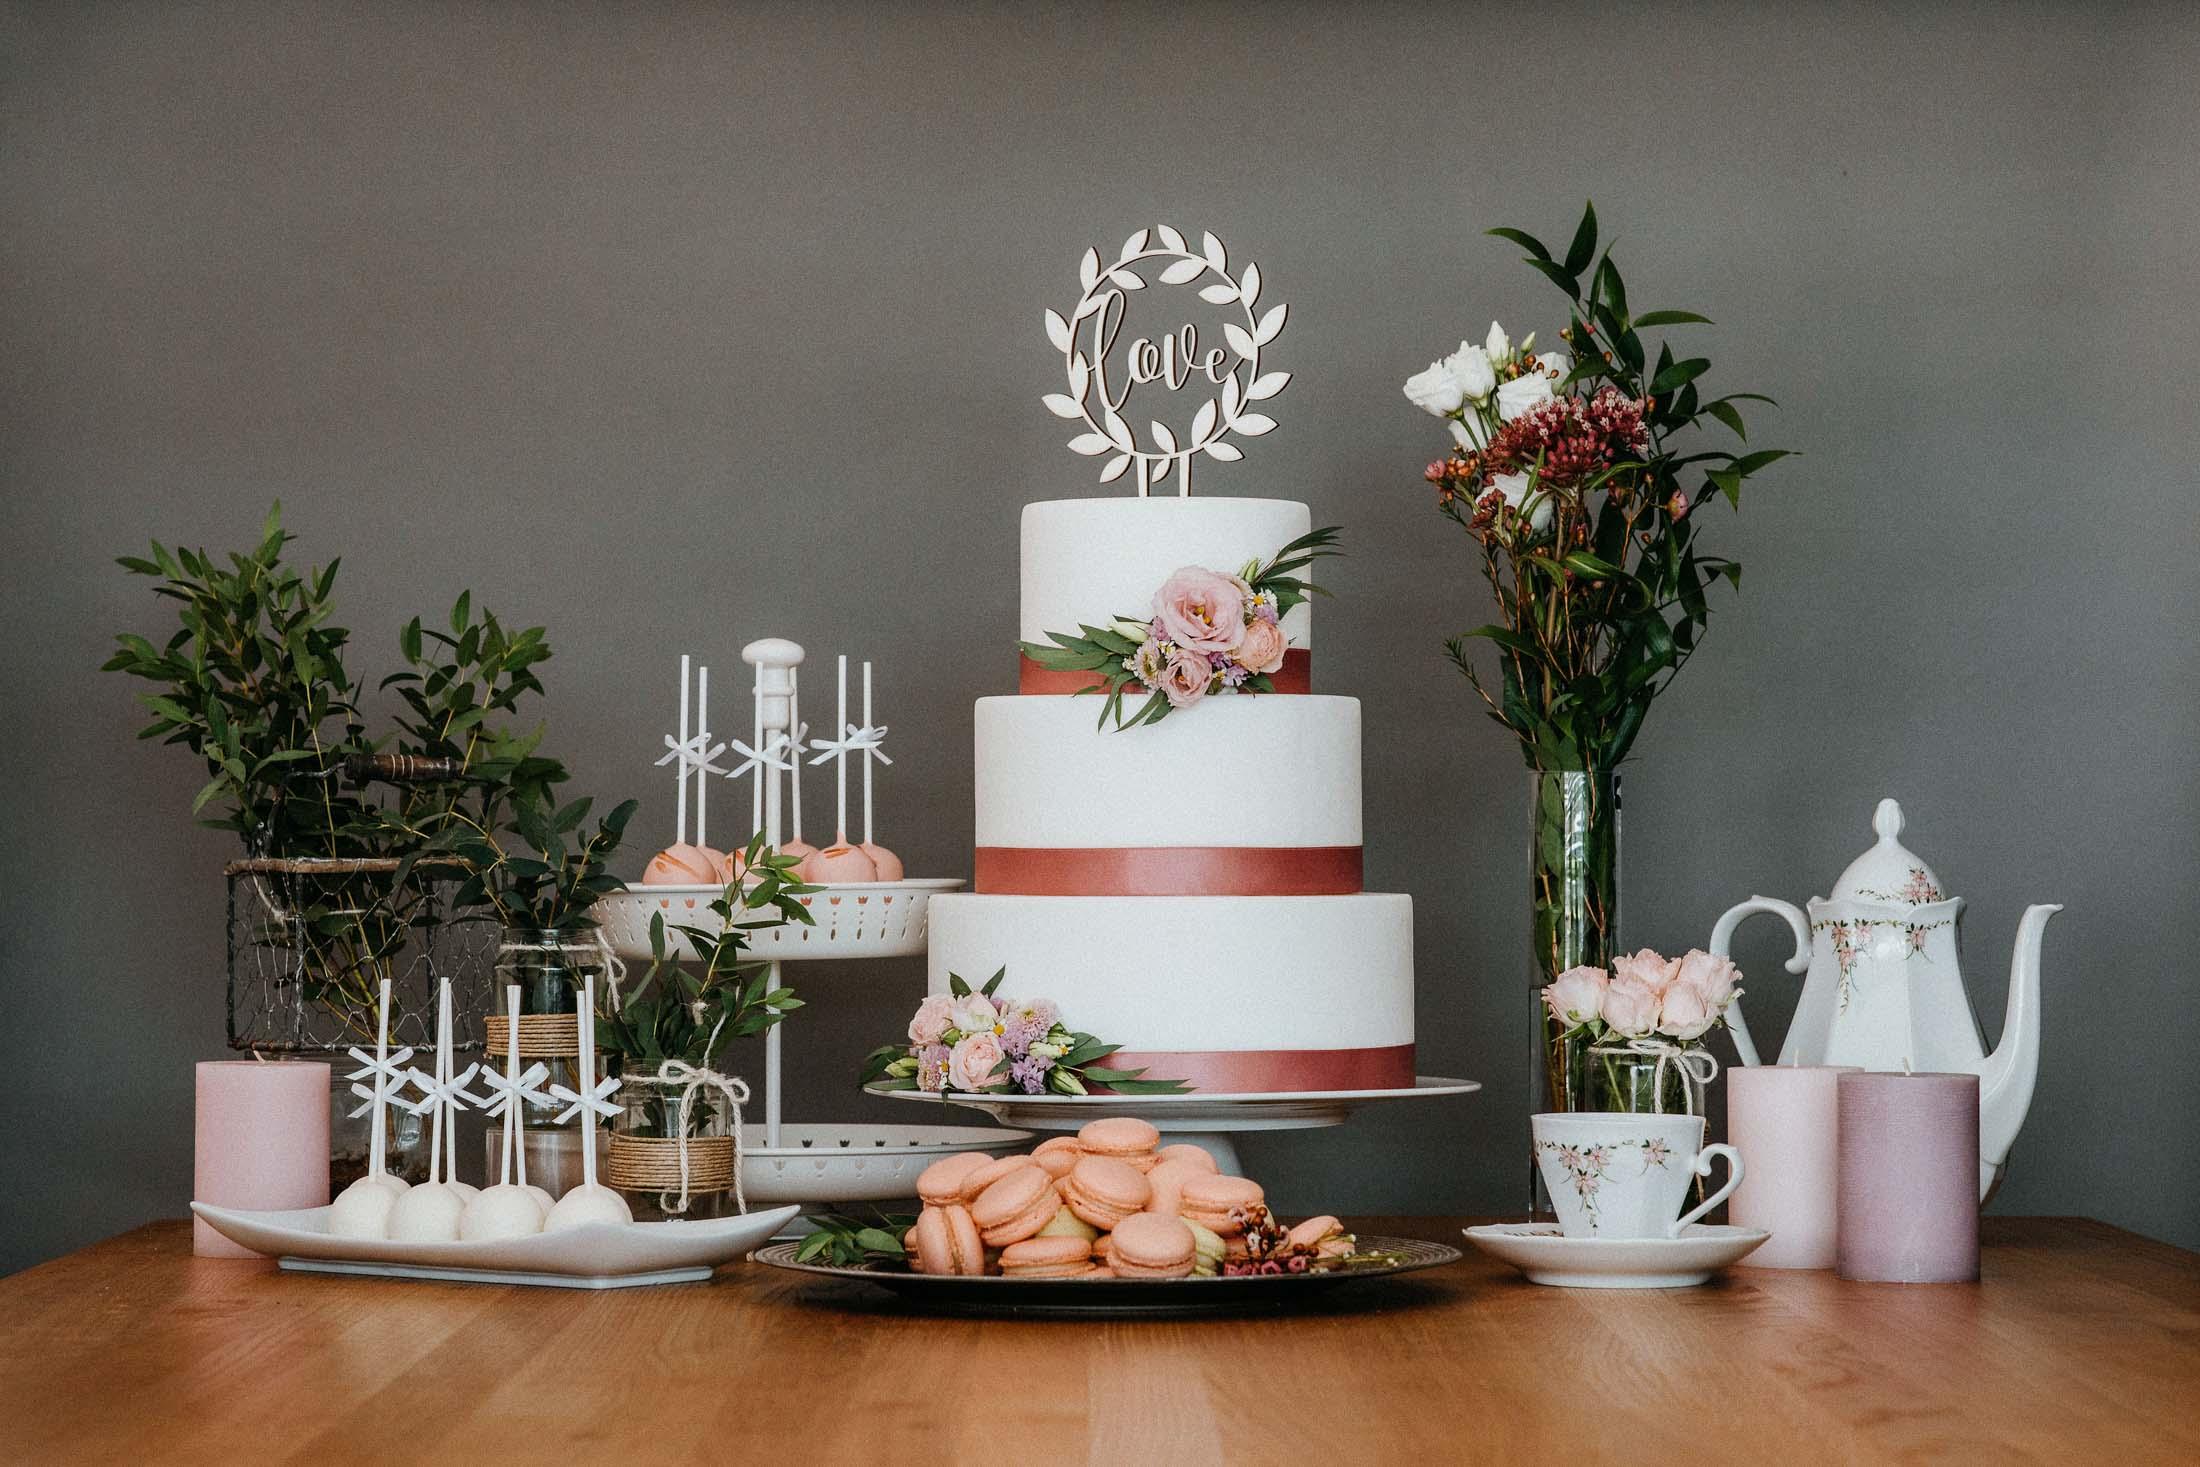 Bettina Breinesberger | Hochzeitstorte & Co